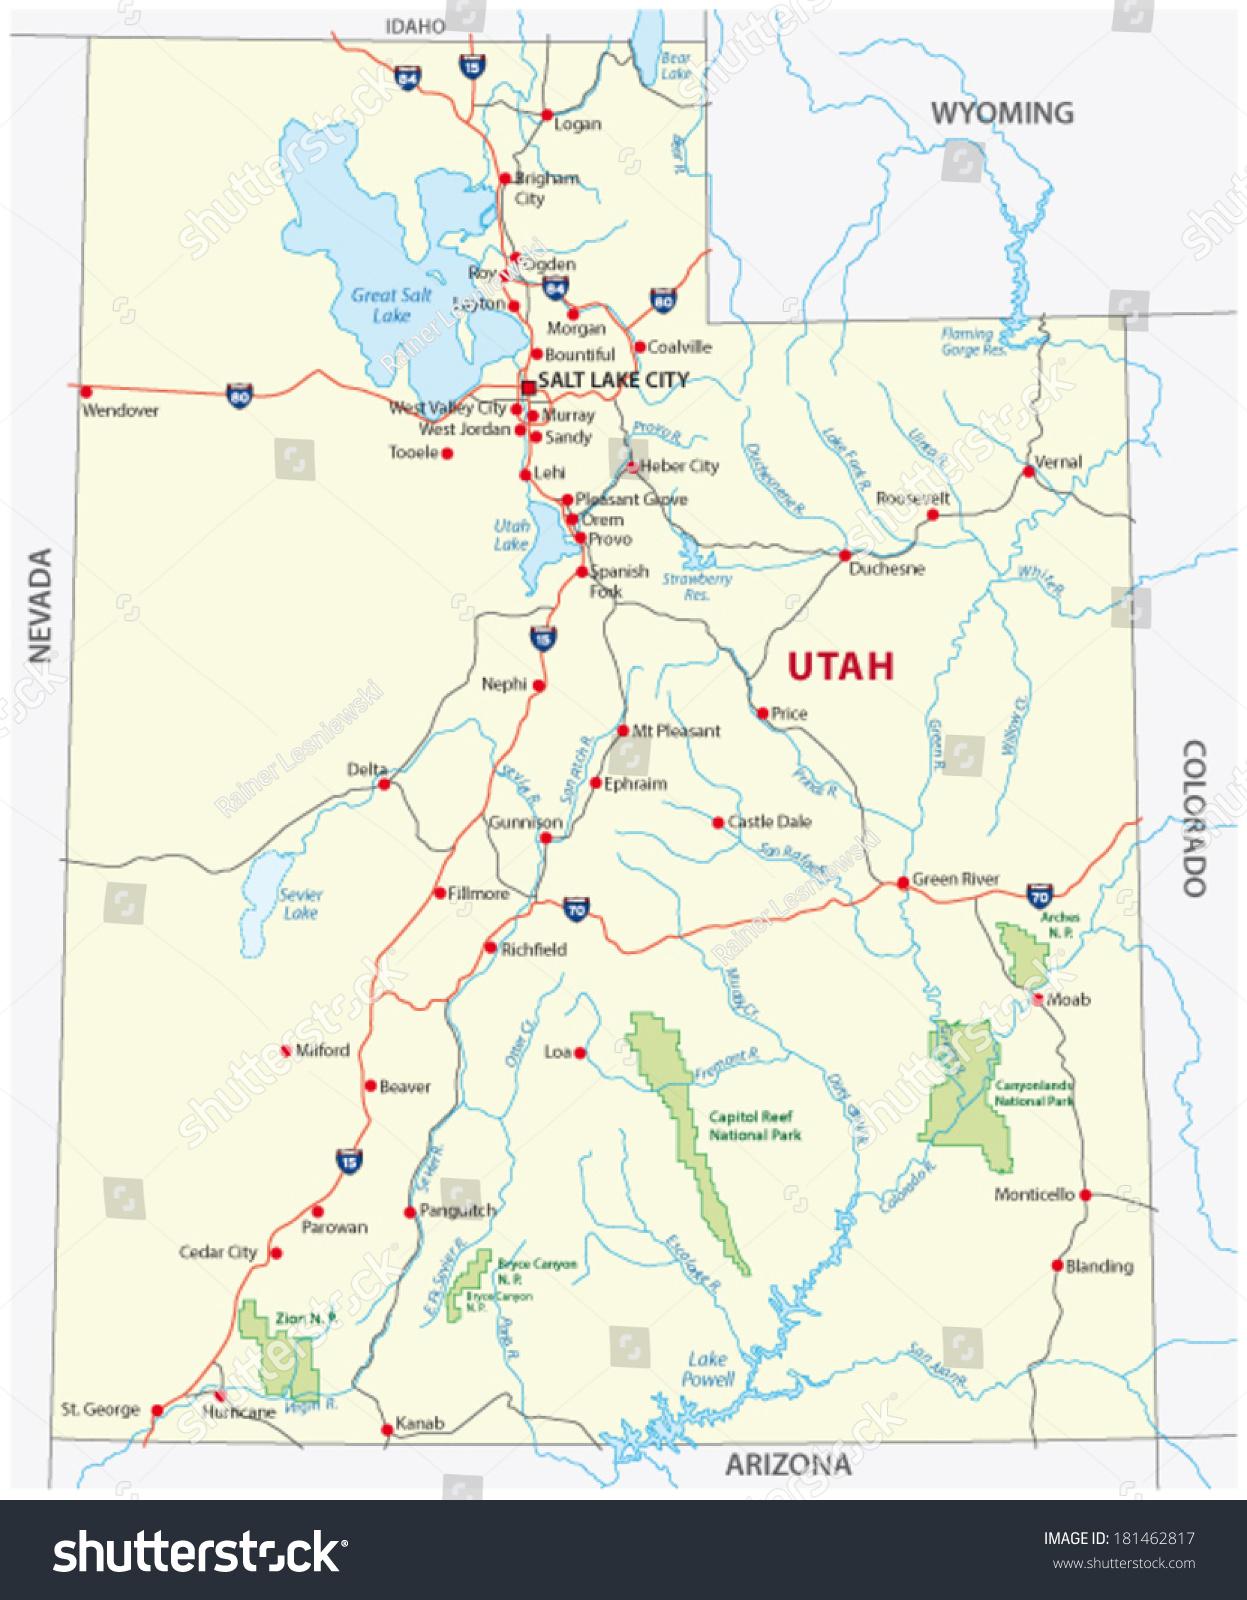 utah national park map. utah national park map stock vector   shutterstock